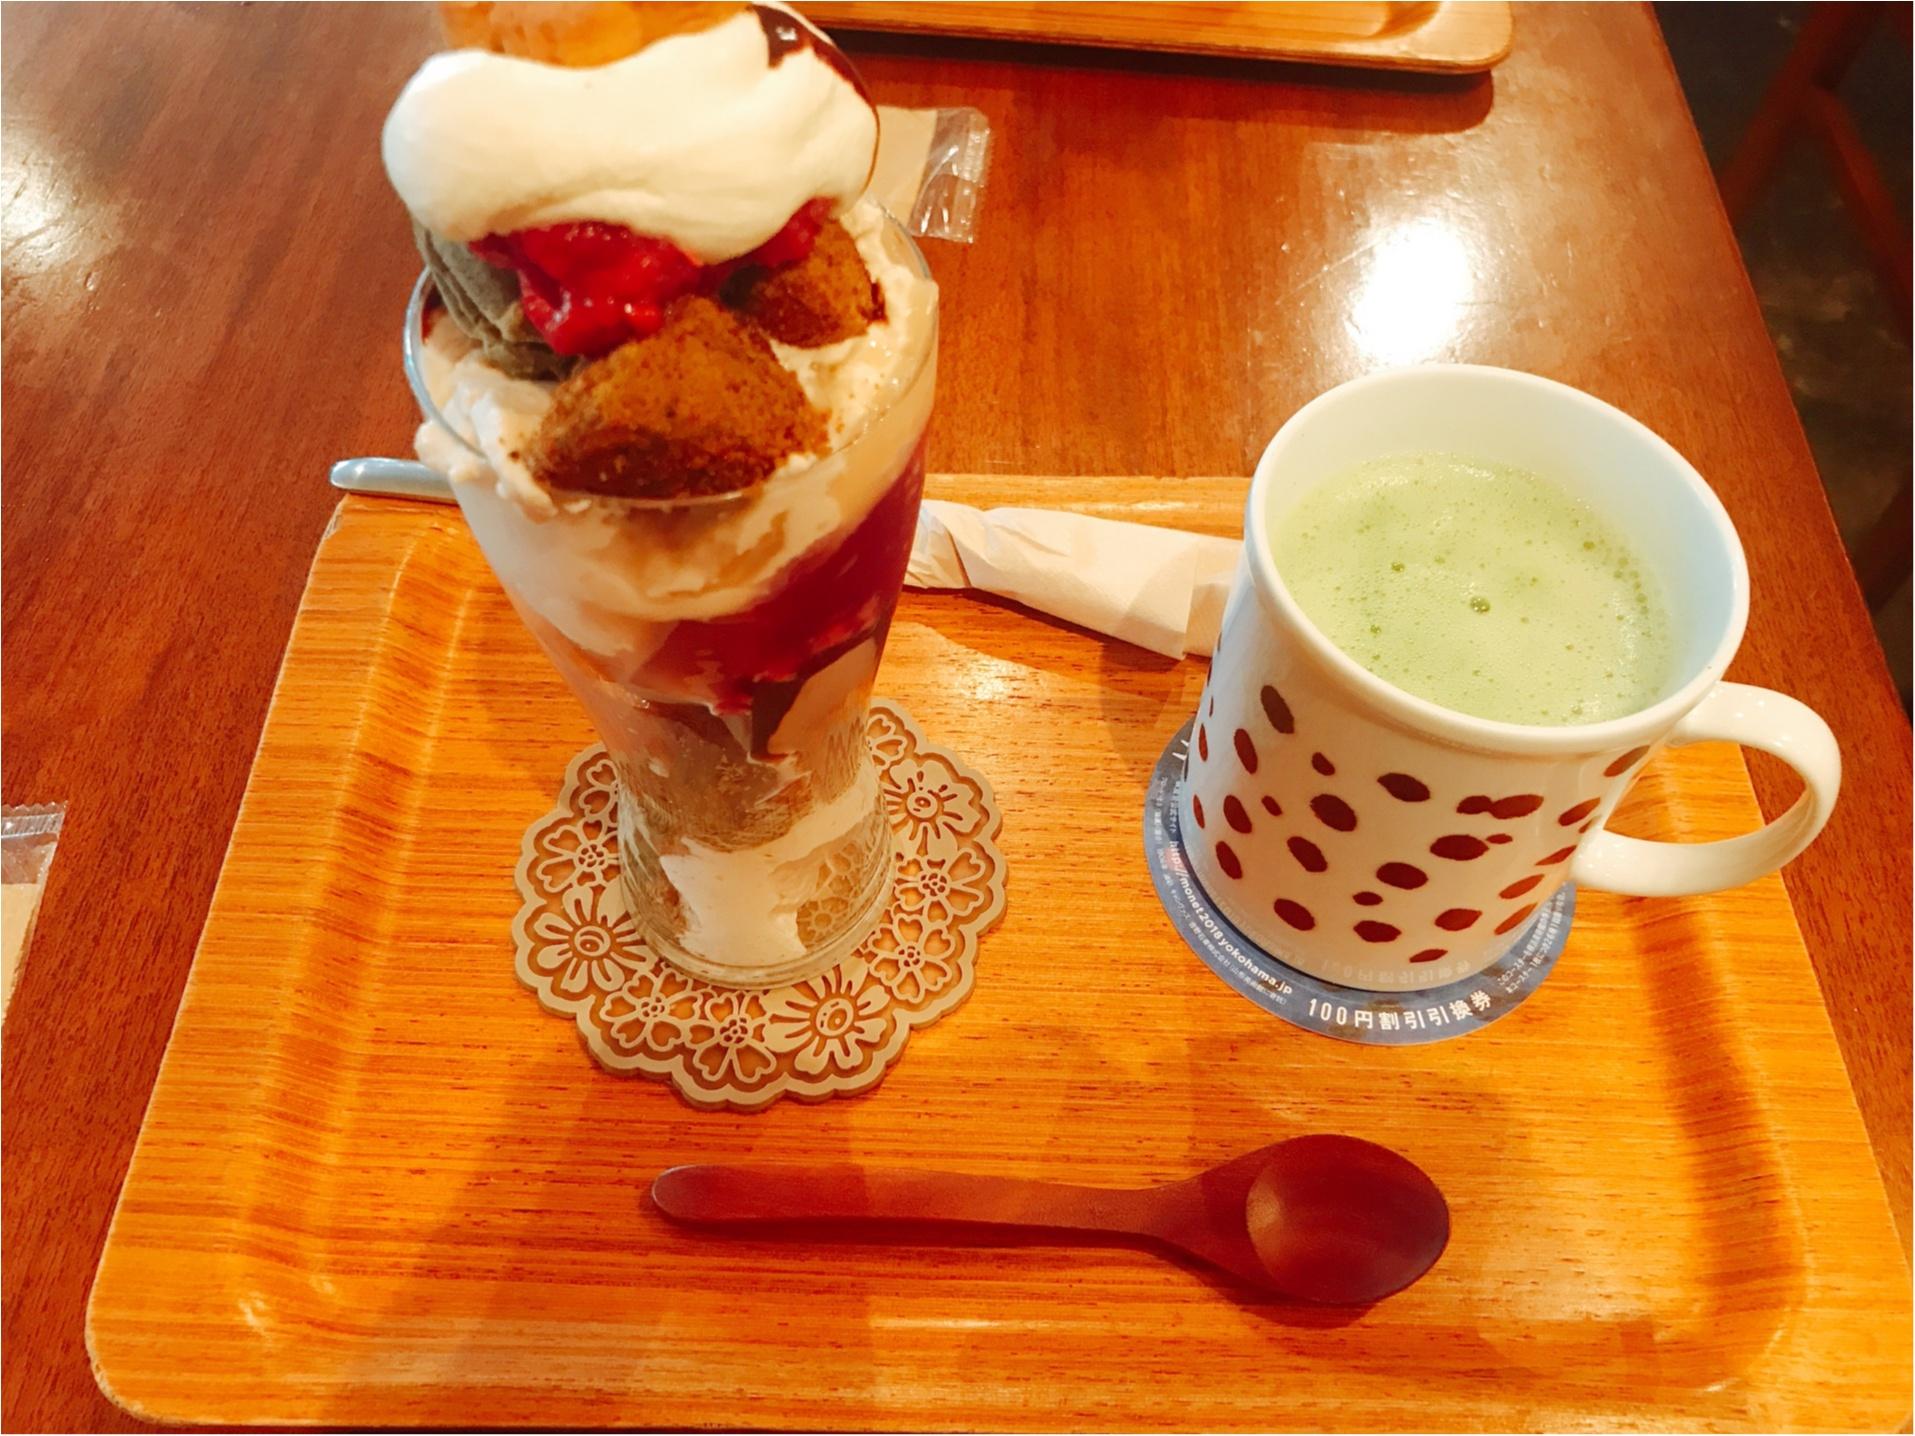 横浜 元町の日本茶専門店 茶倉の和スイーツでひと休み♪_2